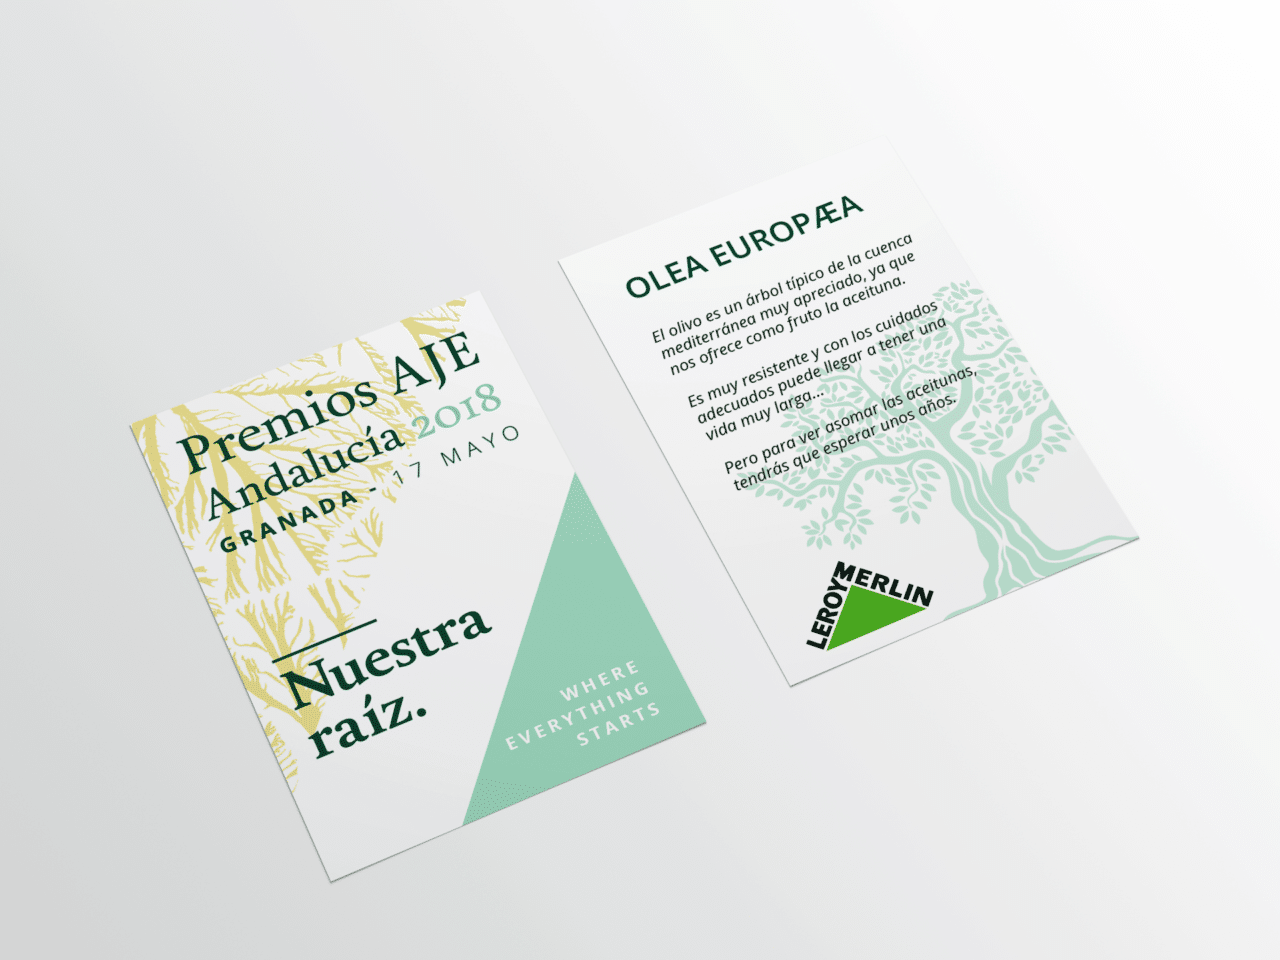 Diseño Gráfico Etiqueta Regalo Premios AJE Andalucía 2018